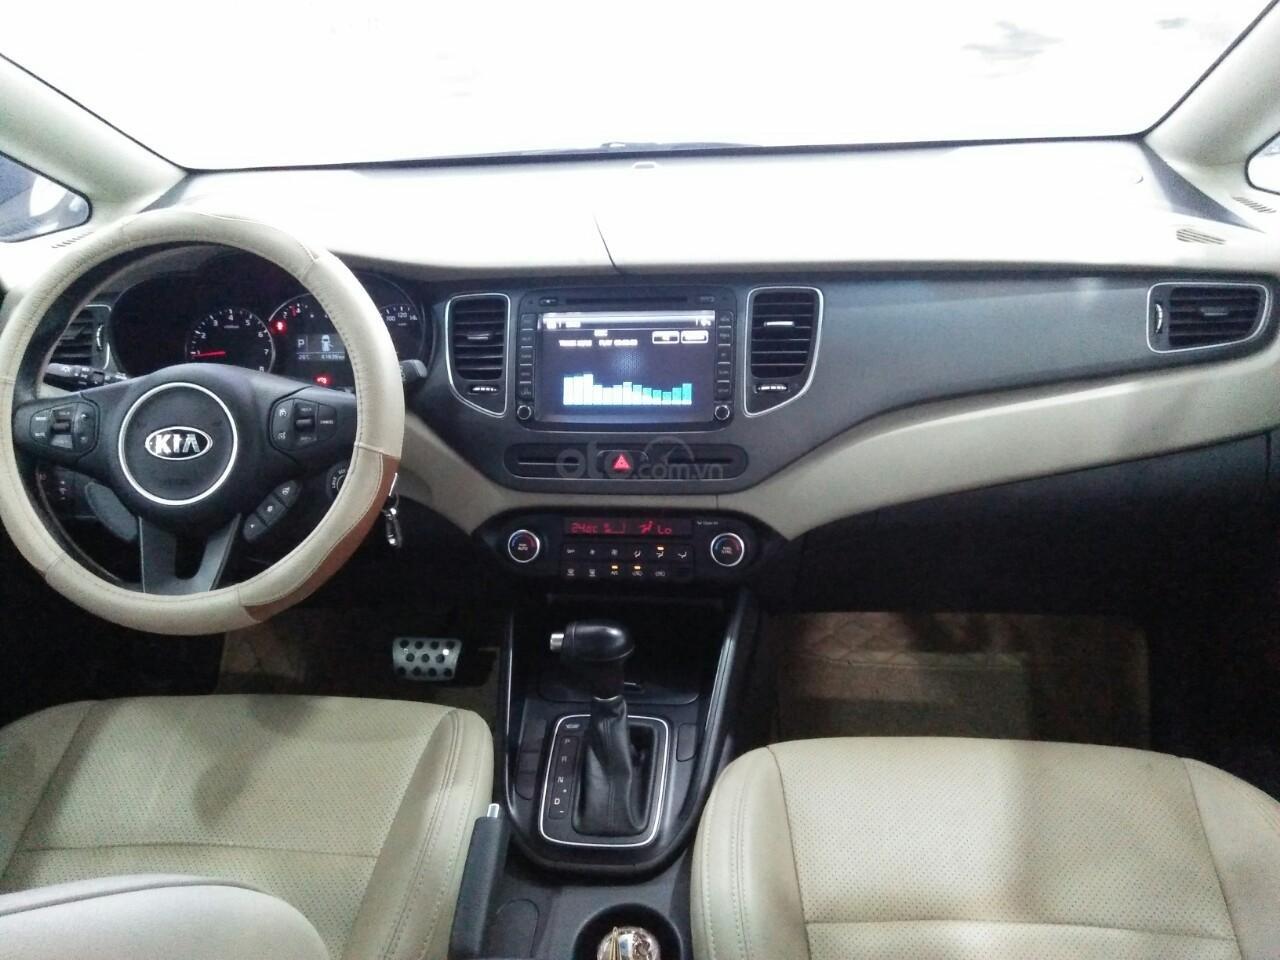 Kia Rondo 2018AT mới nhất thị trường không 1 lỗi nhỏ (4)